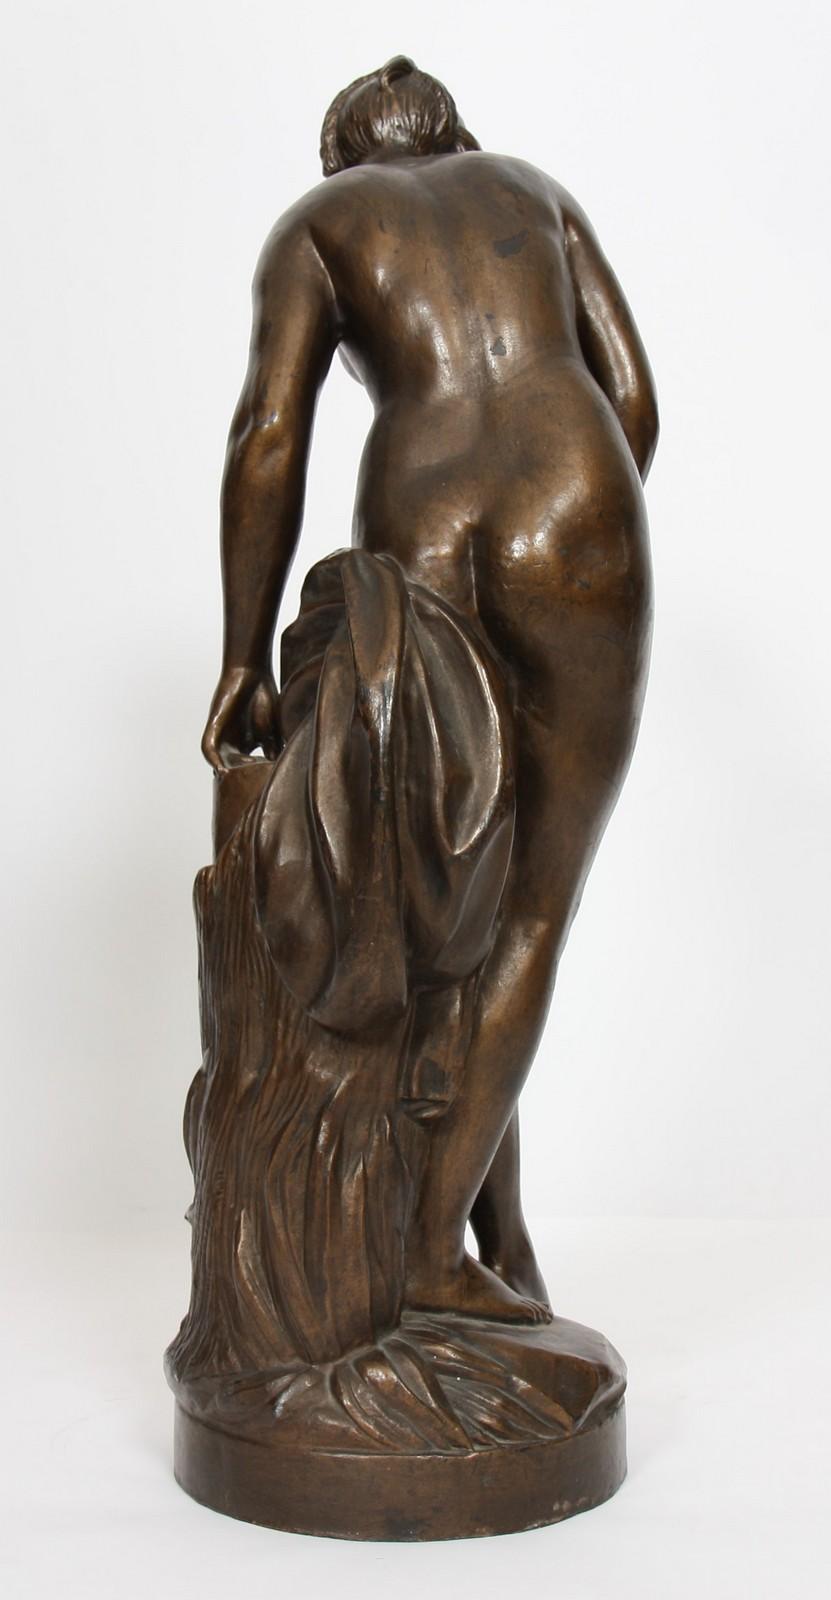 """FONTE """"VENUS AU BAIN"""" Fonte à pâtine marron dorée représentant la """"Vénus au bain"""" d'après - Image 2 of 2"""